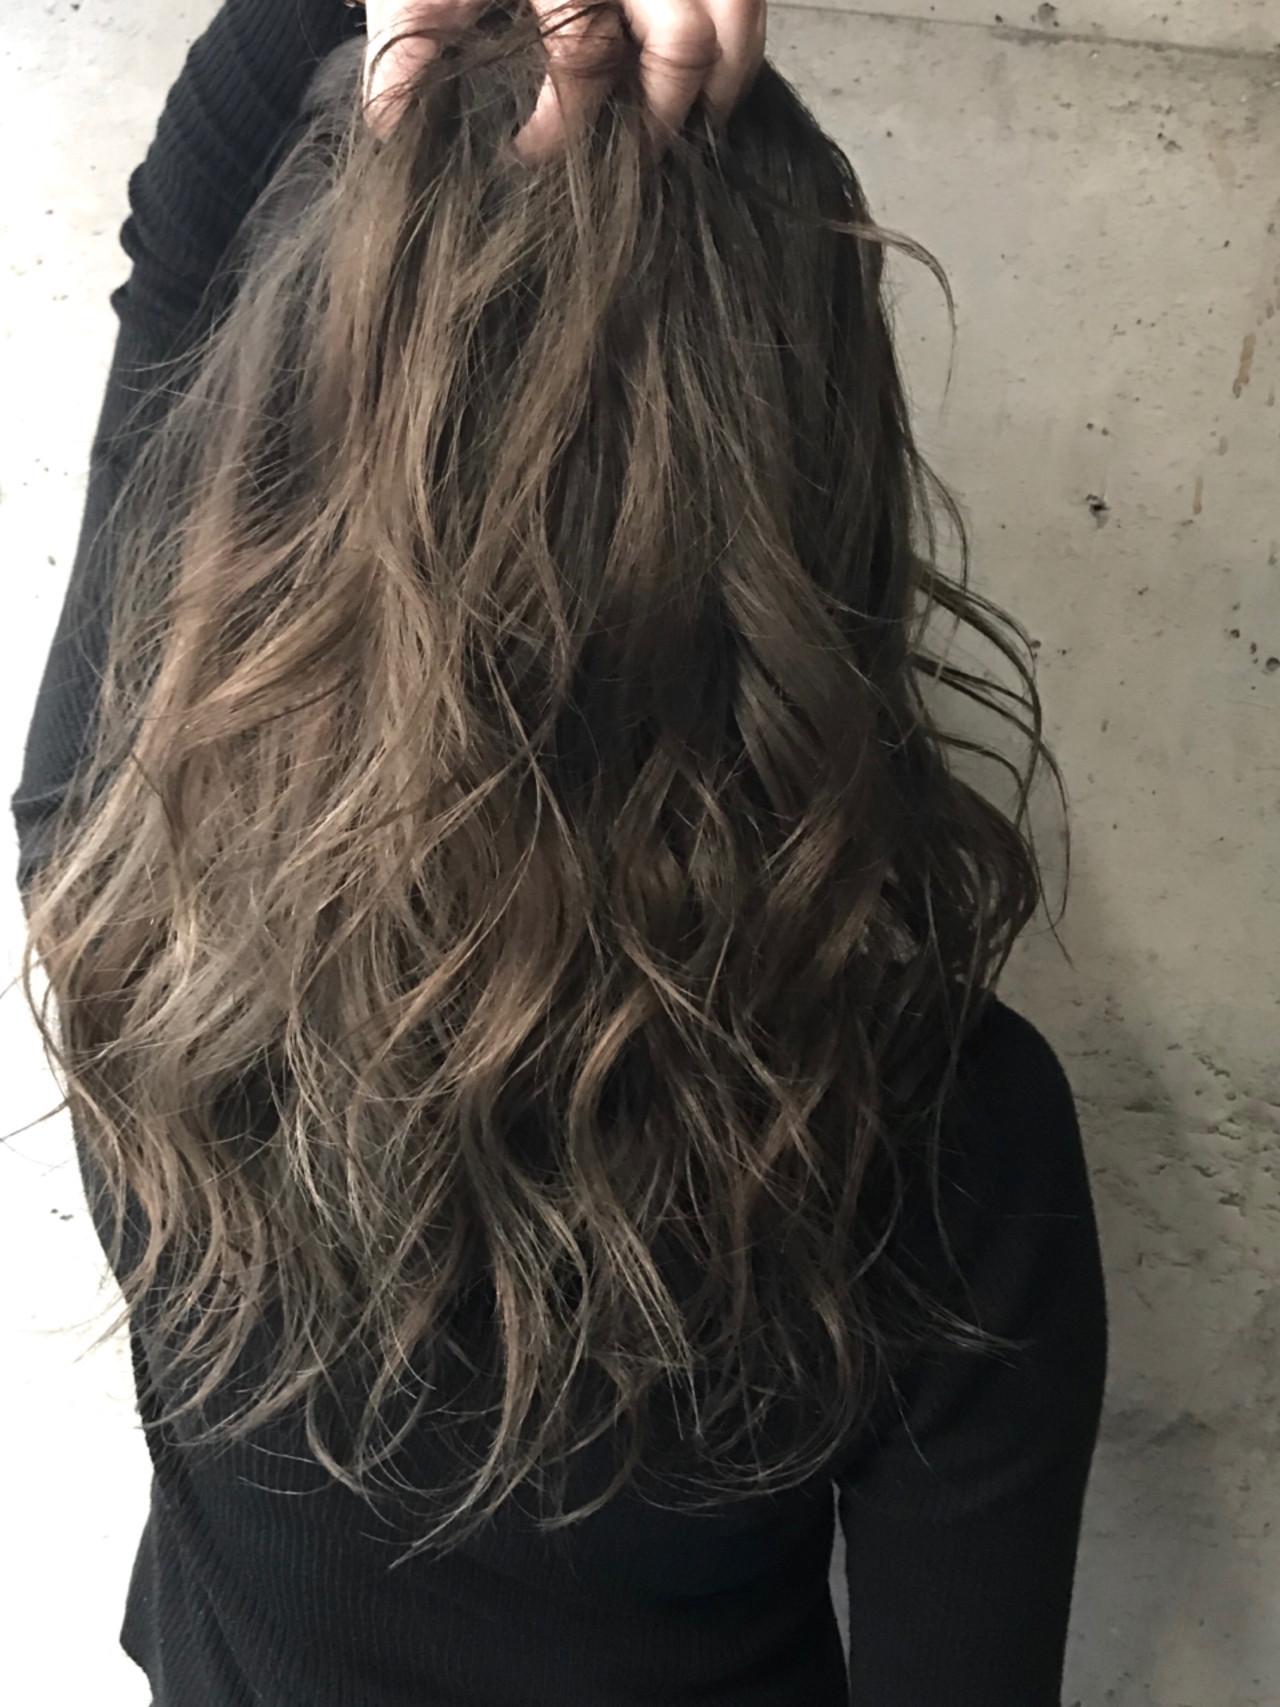 グレージュ セミロング ナチュラル アッシュグレー ヘアスタイルや髪型の写真・画像